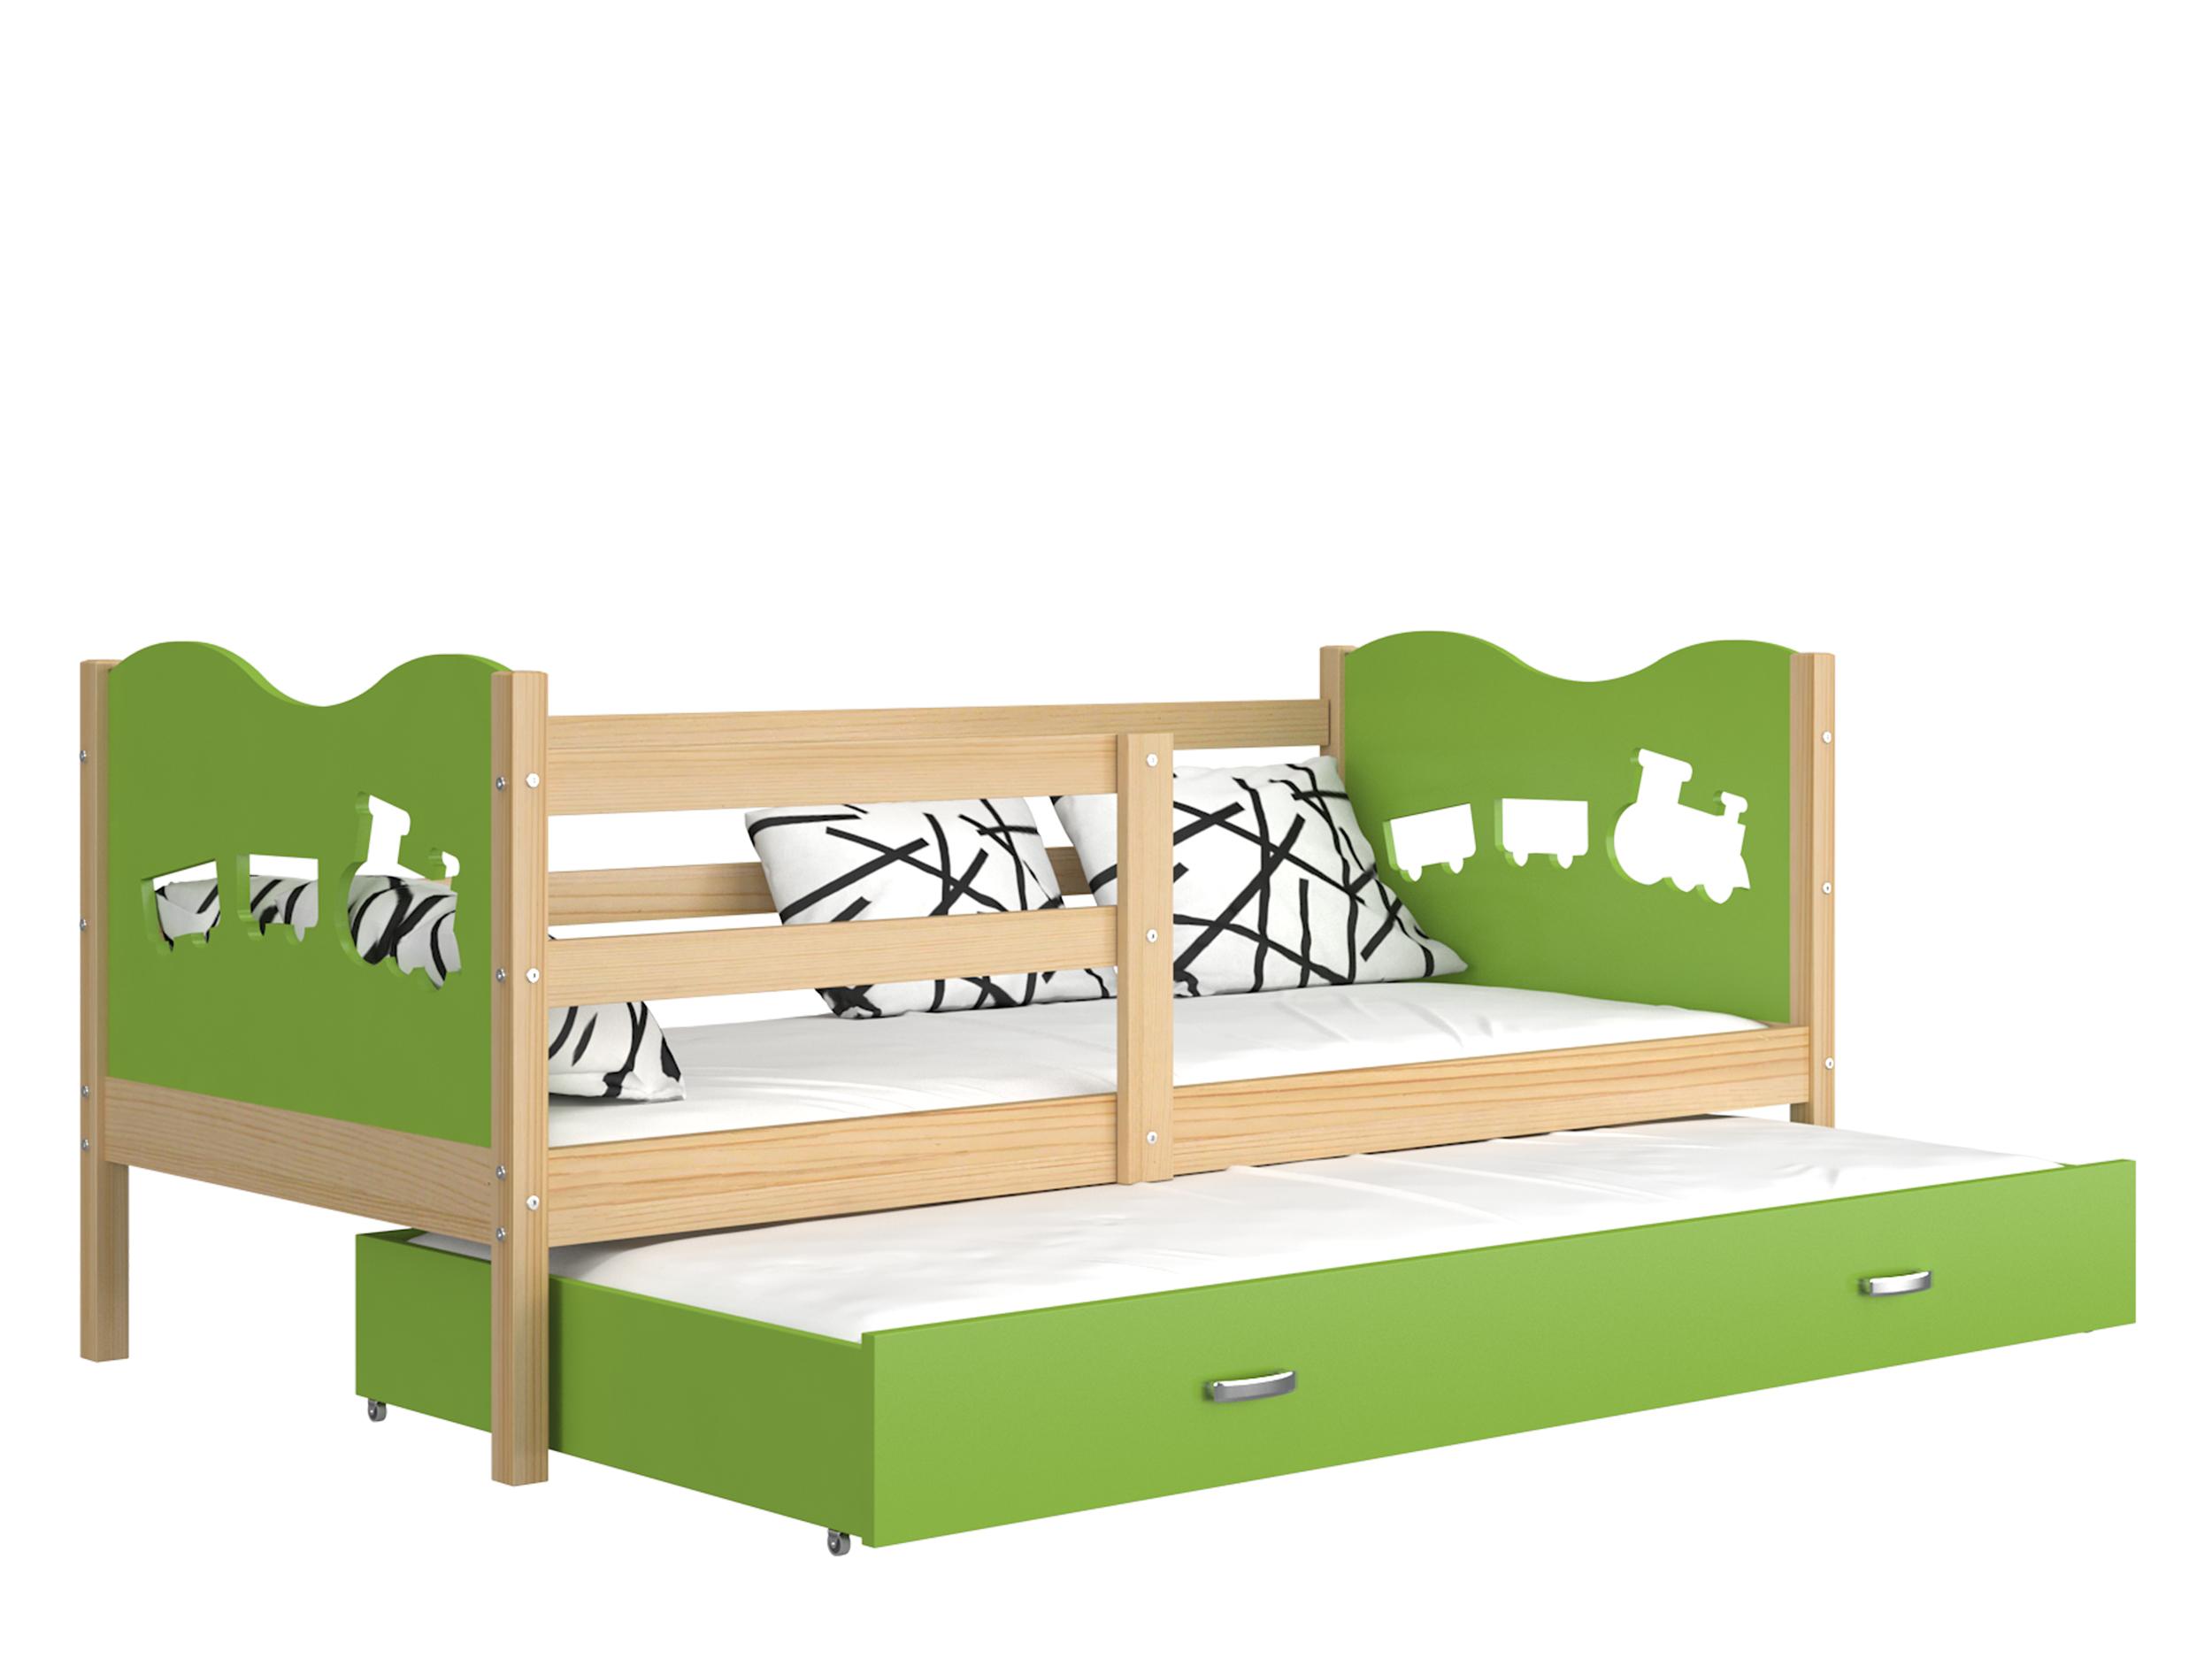 ArtAJ Detská posteľ Max P2 drevo / MDF 190 x 80 cm Max: borovica / zelená s matracom 190 x 80 cm